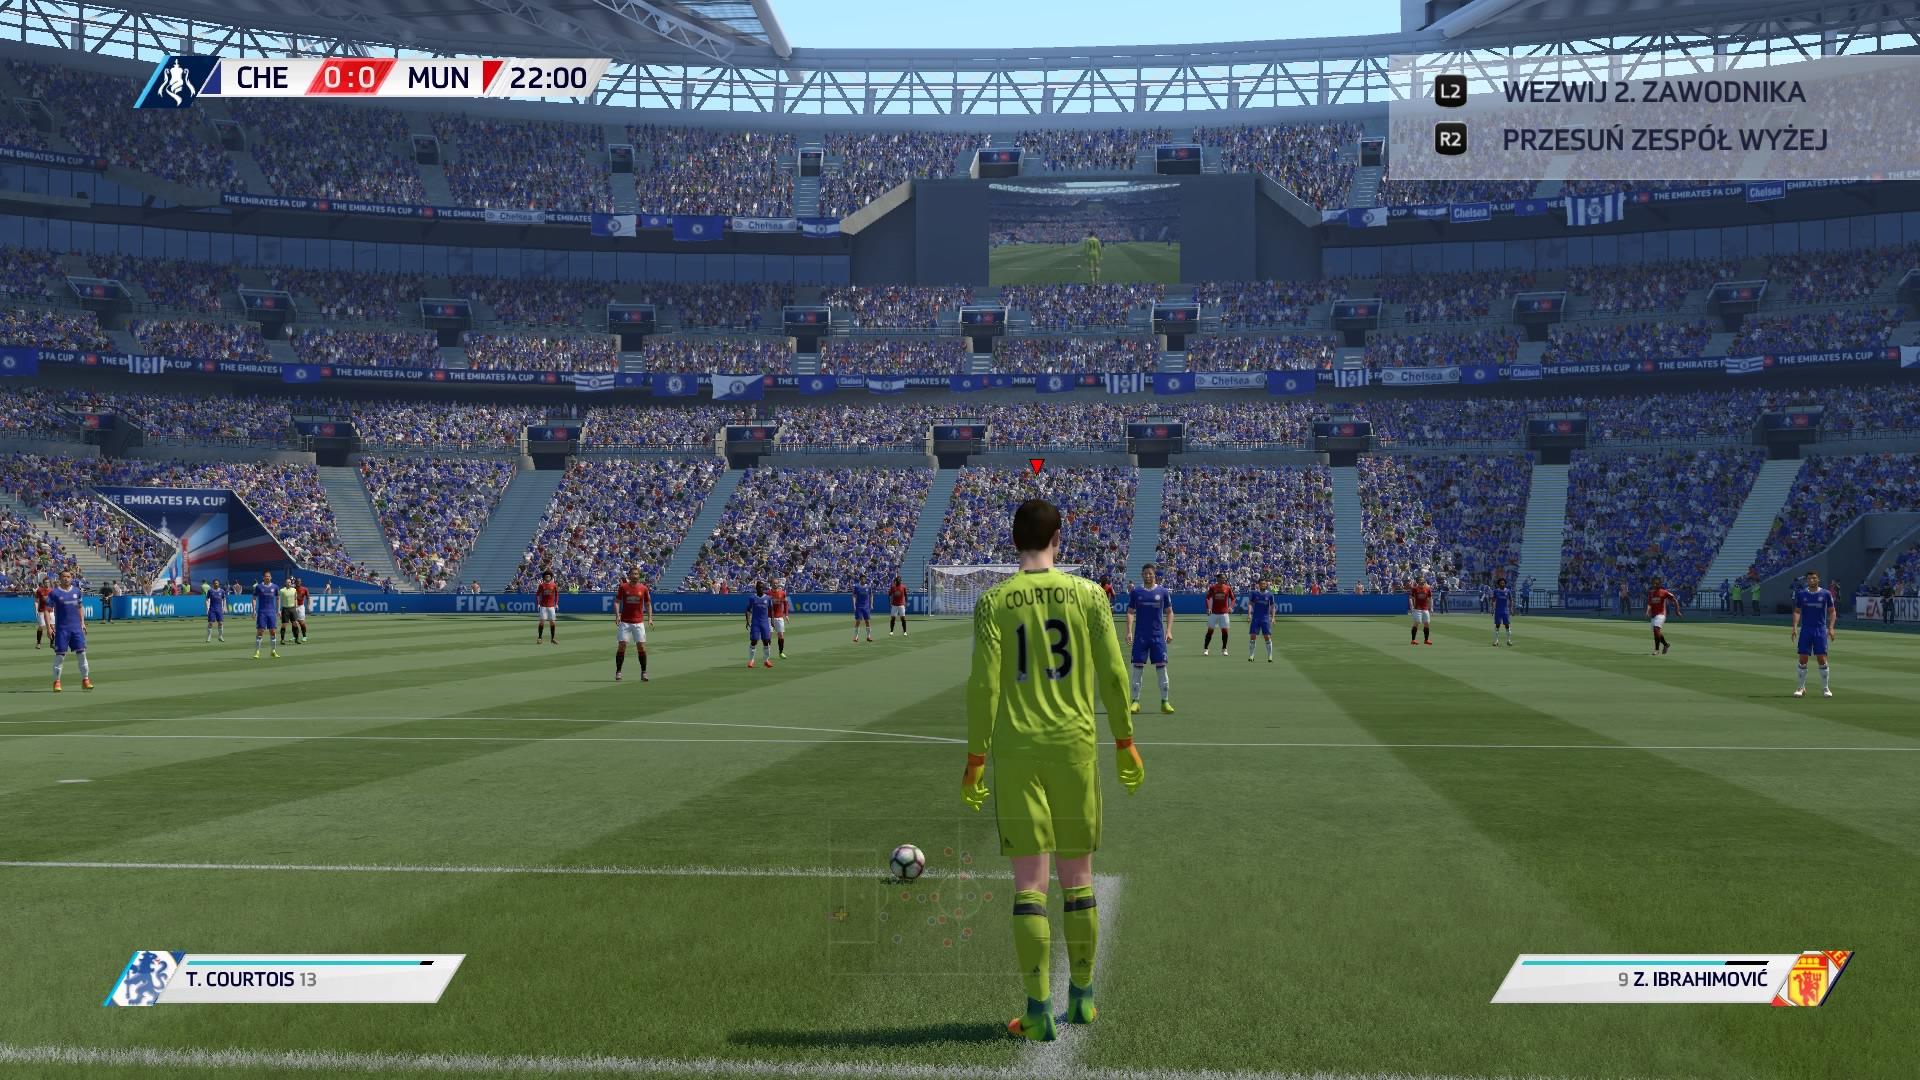 FIFA 17 Intra 0:0 CHE — MUN, 1. poł.